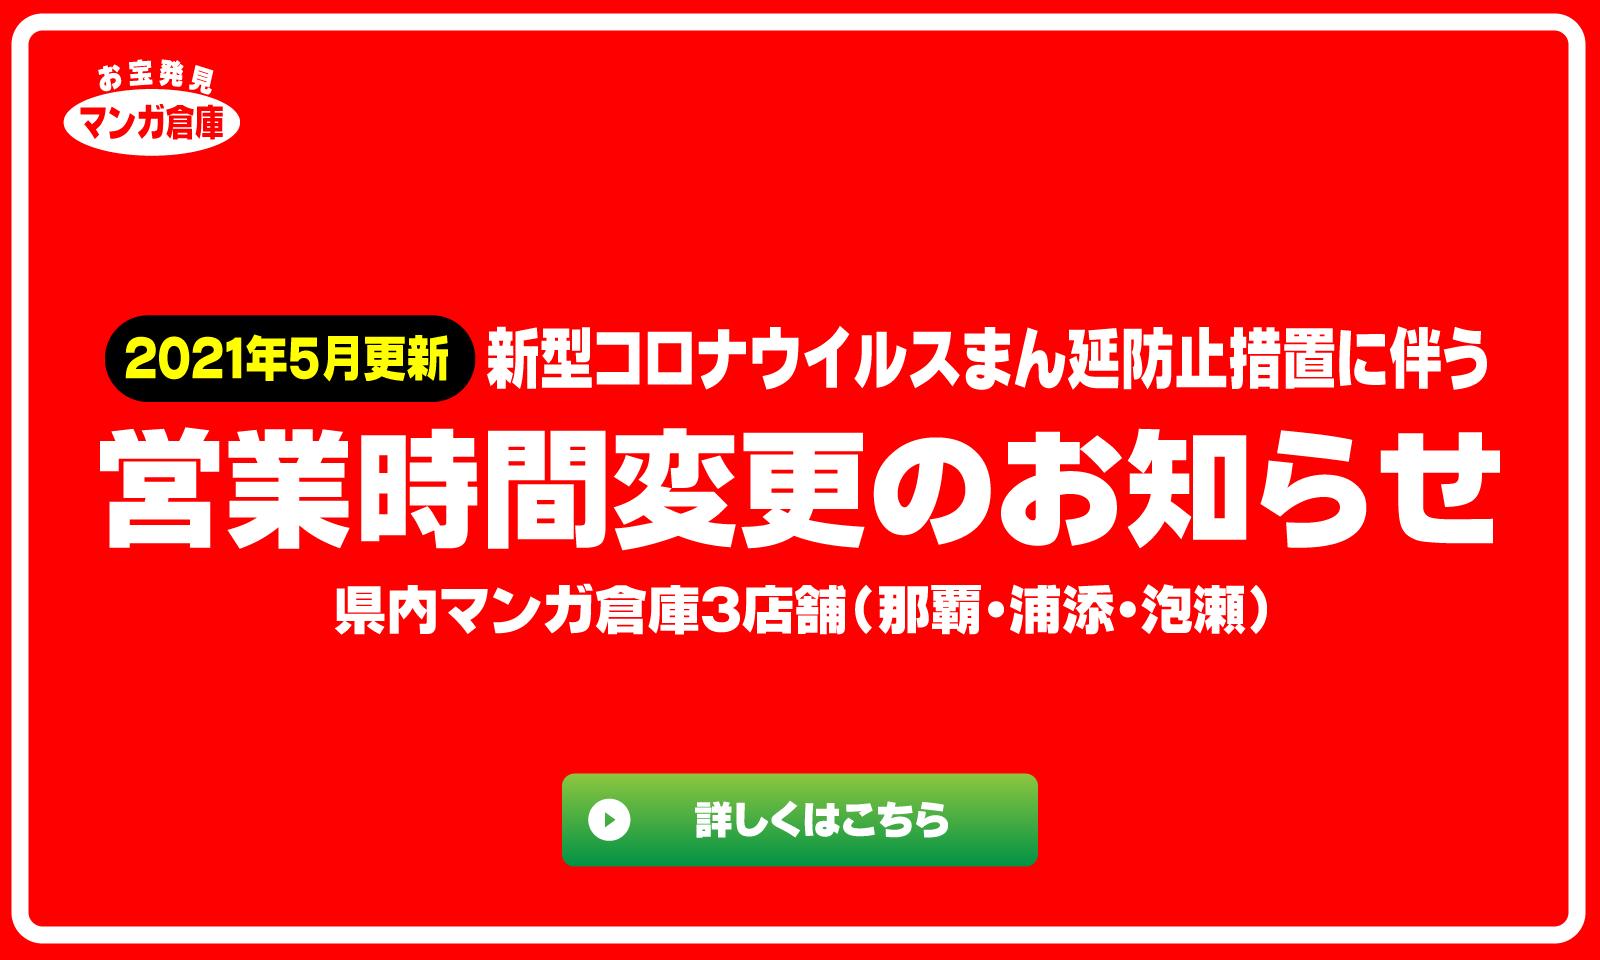 【重要】営業時間短縮のお知らせ